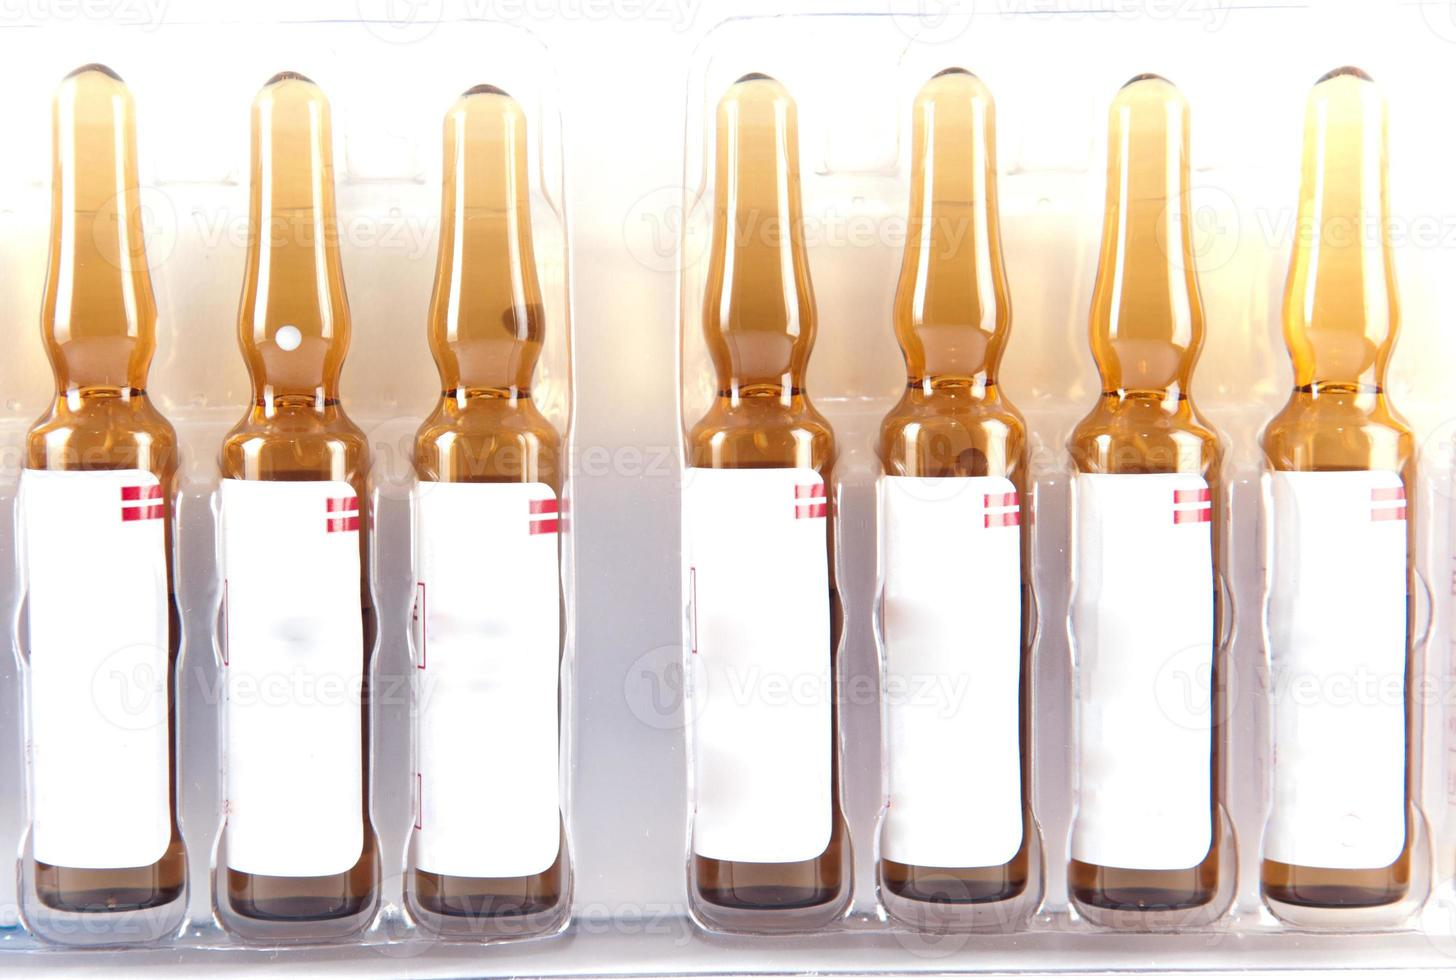 Medizin-Injektionsampulle foto